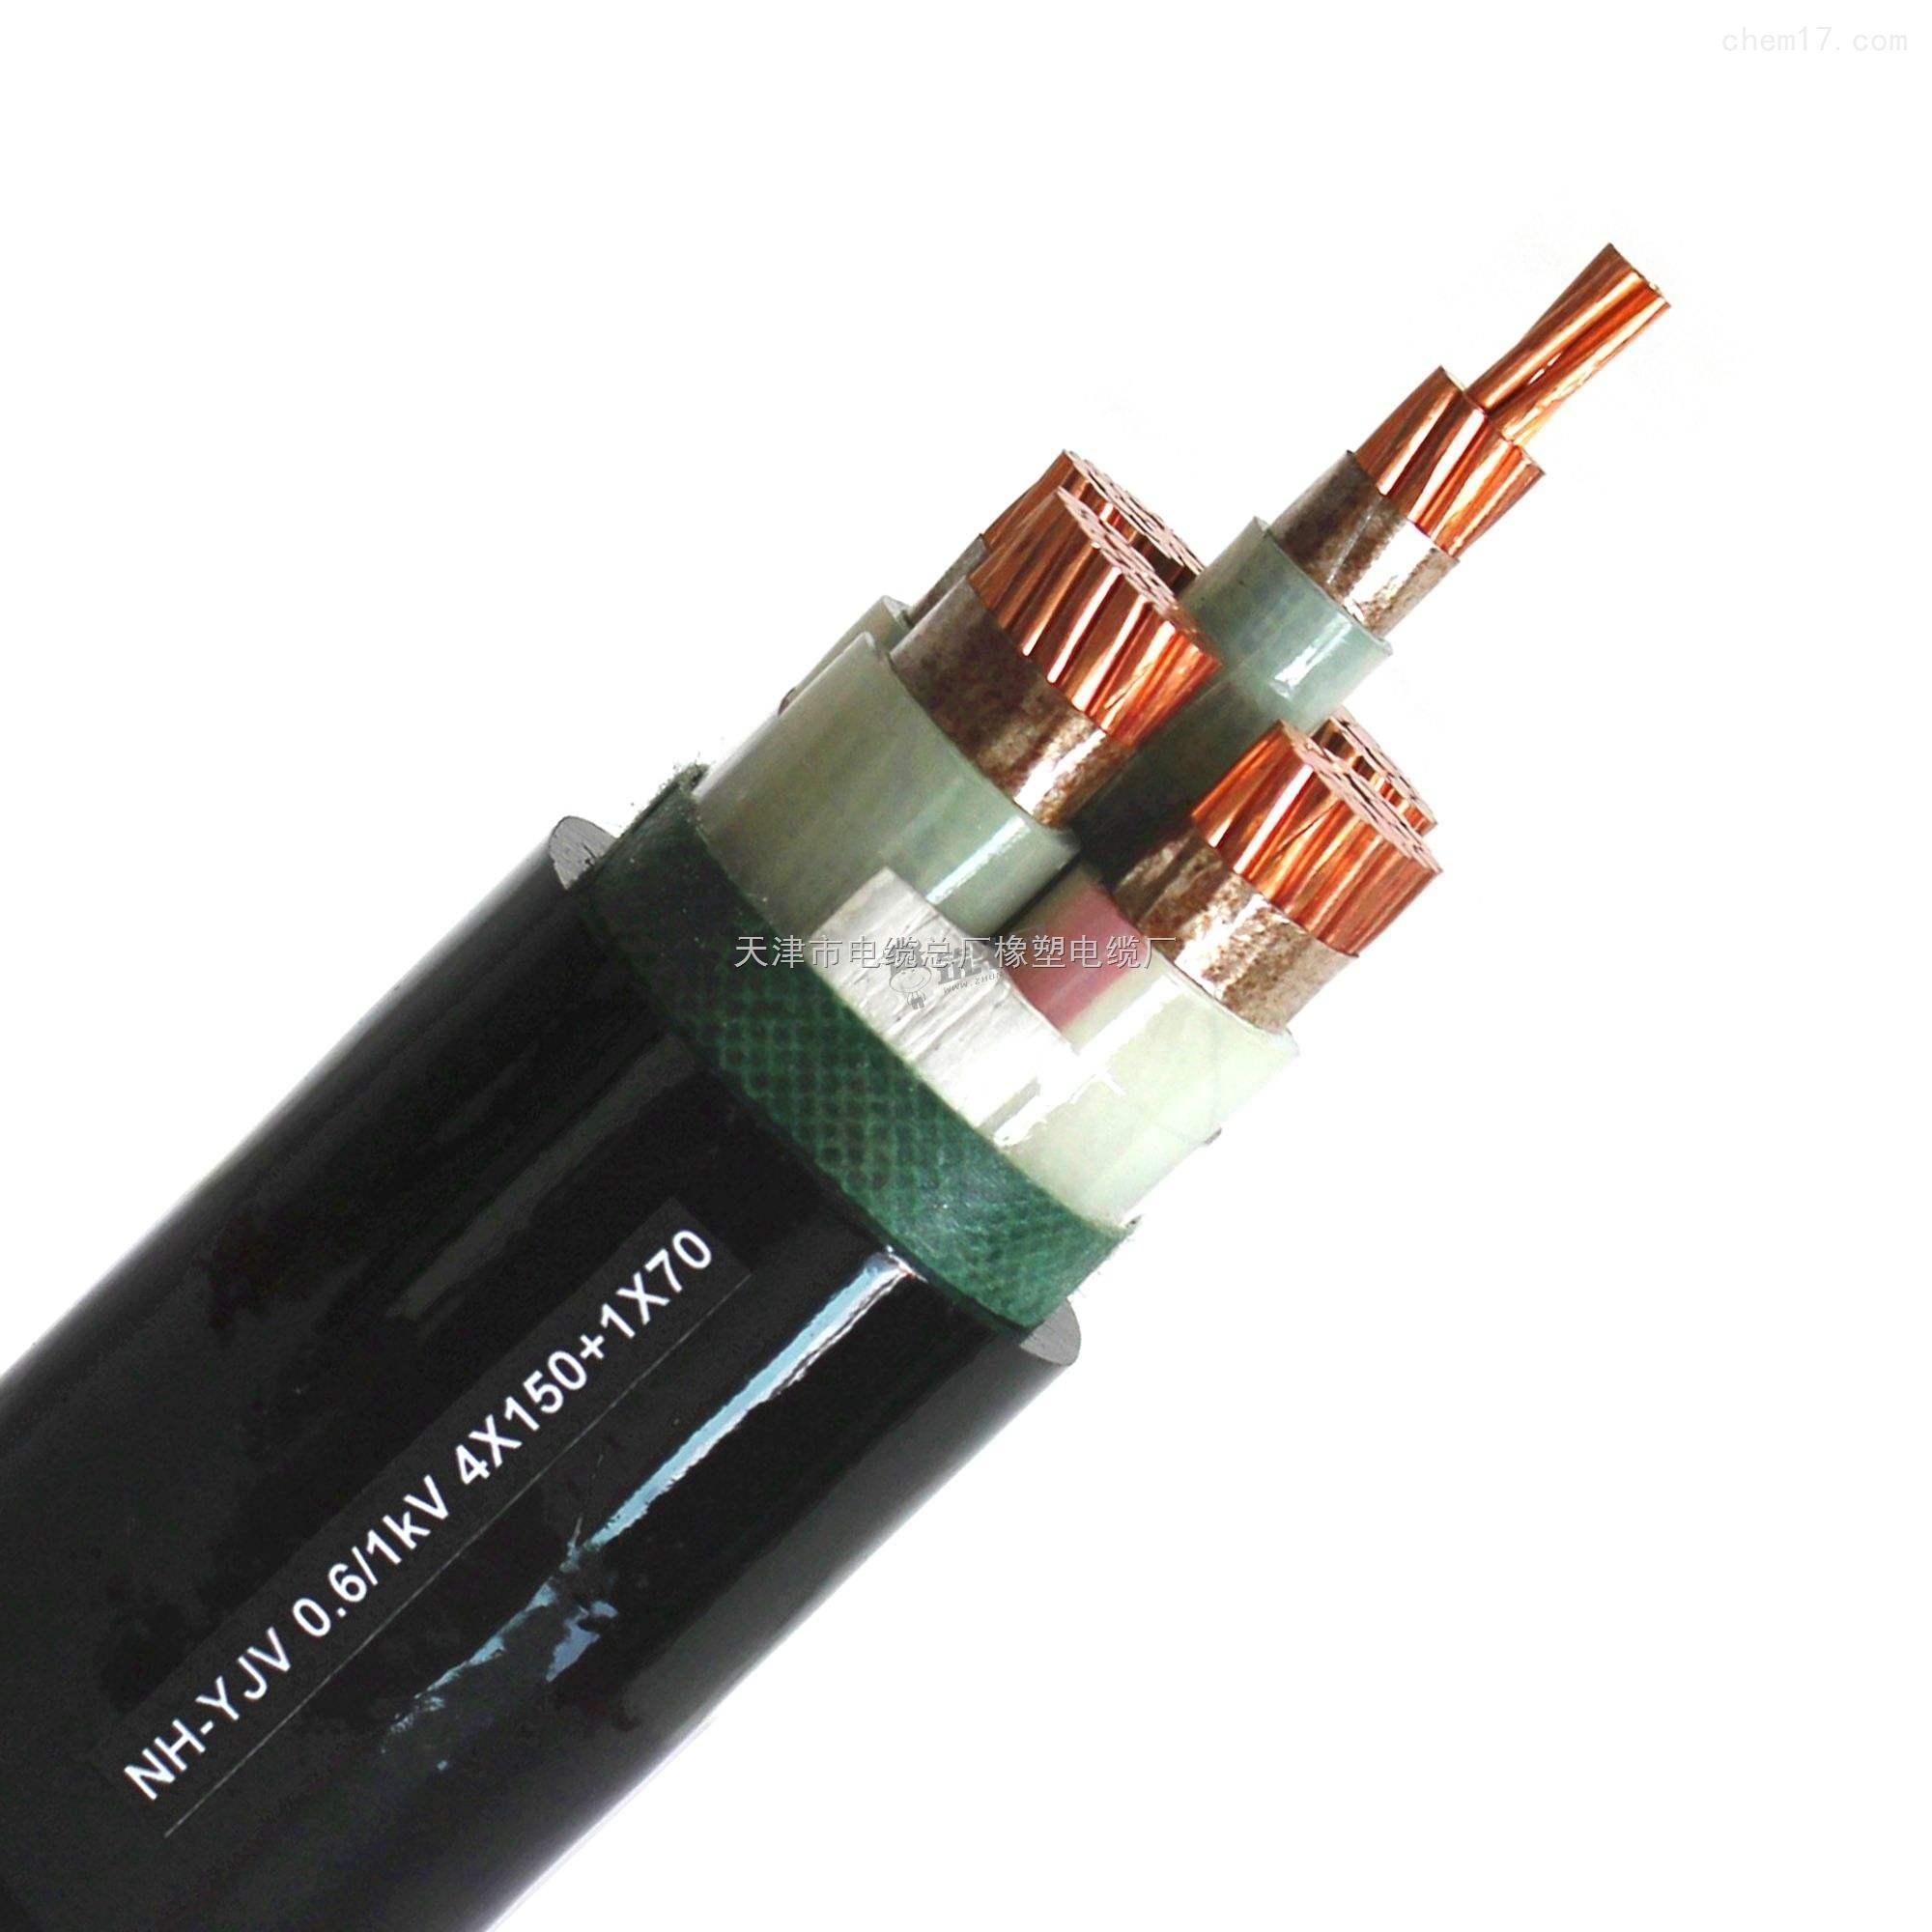 YJV22-8.7/10KV铠装高压电缆 YJV22高压电缆价格